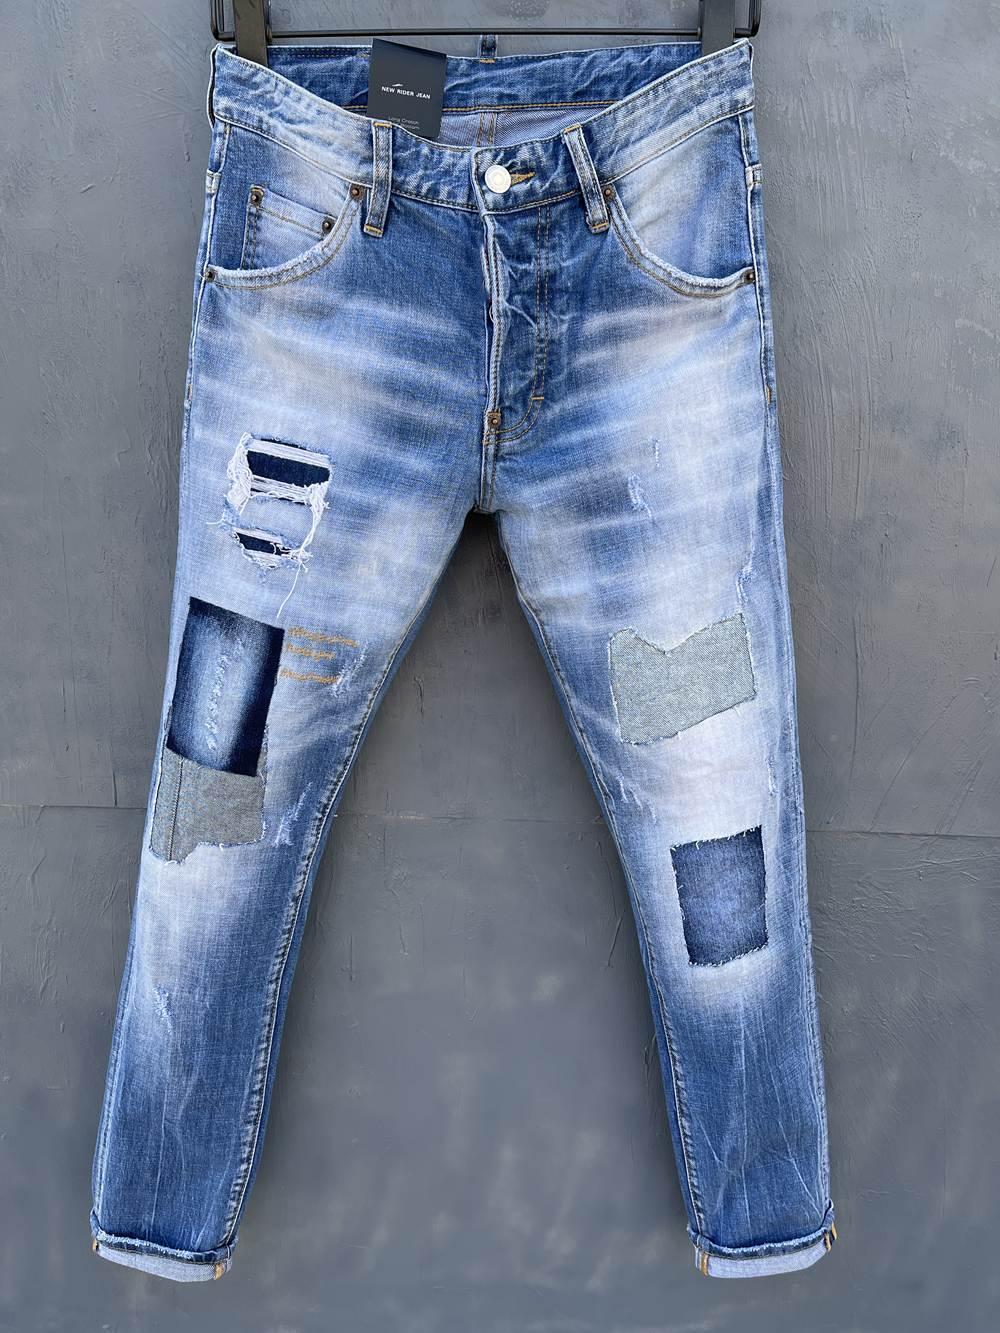 2021 Neue Marken Europäische und amerikanische Mode Männer Lässige Jeans, hochwertiges Waschen, reines Handschleifen, Qualitätsoptimierung LT035